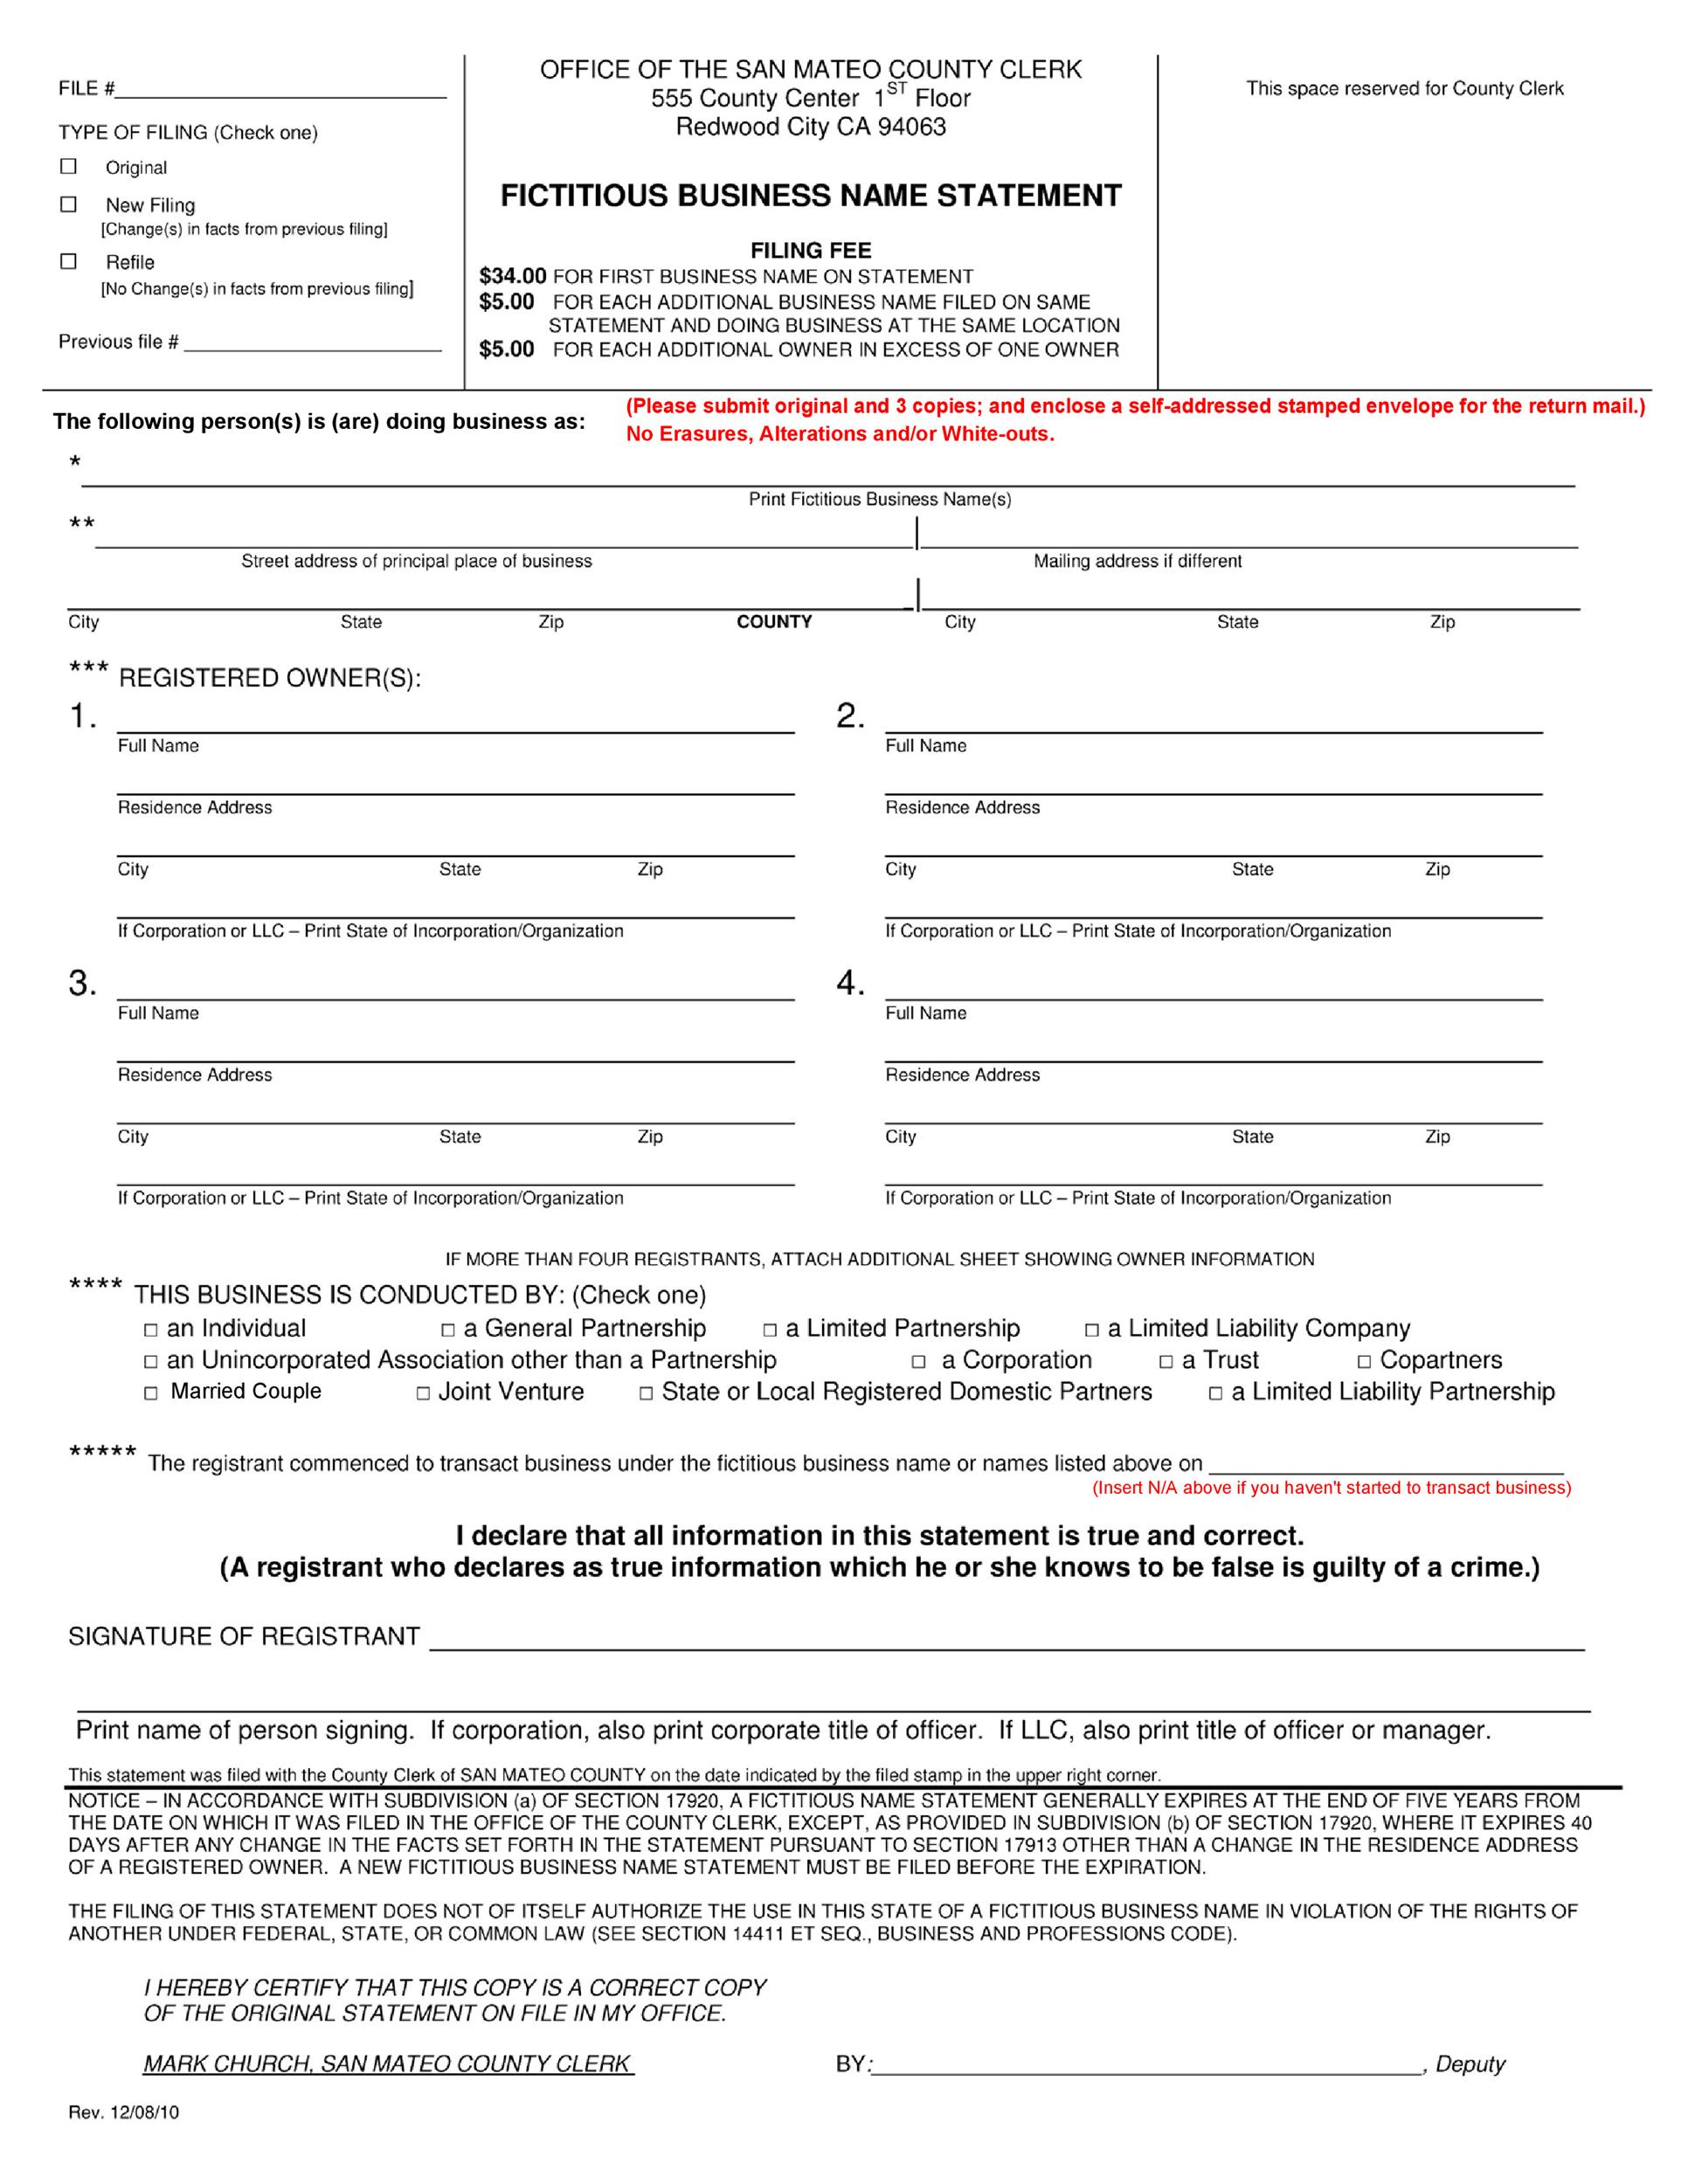 Free affidavit of identity 26